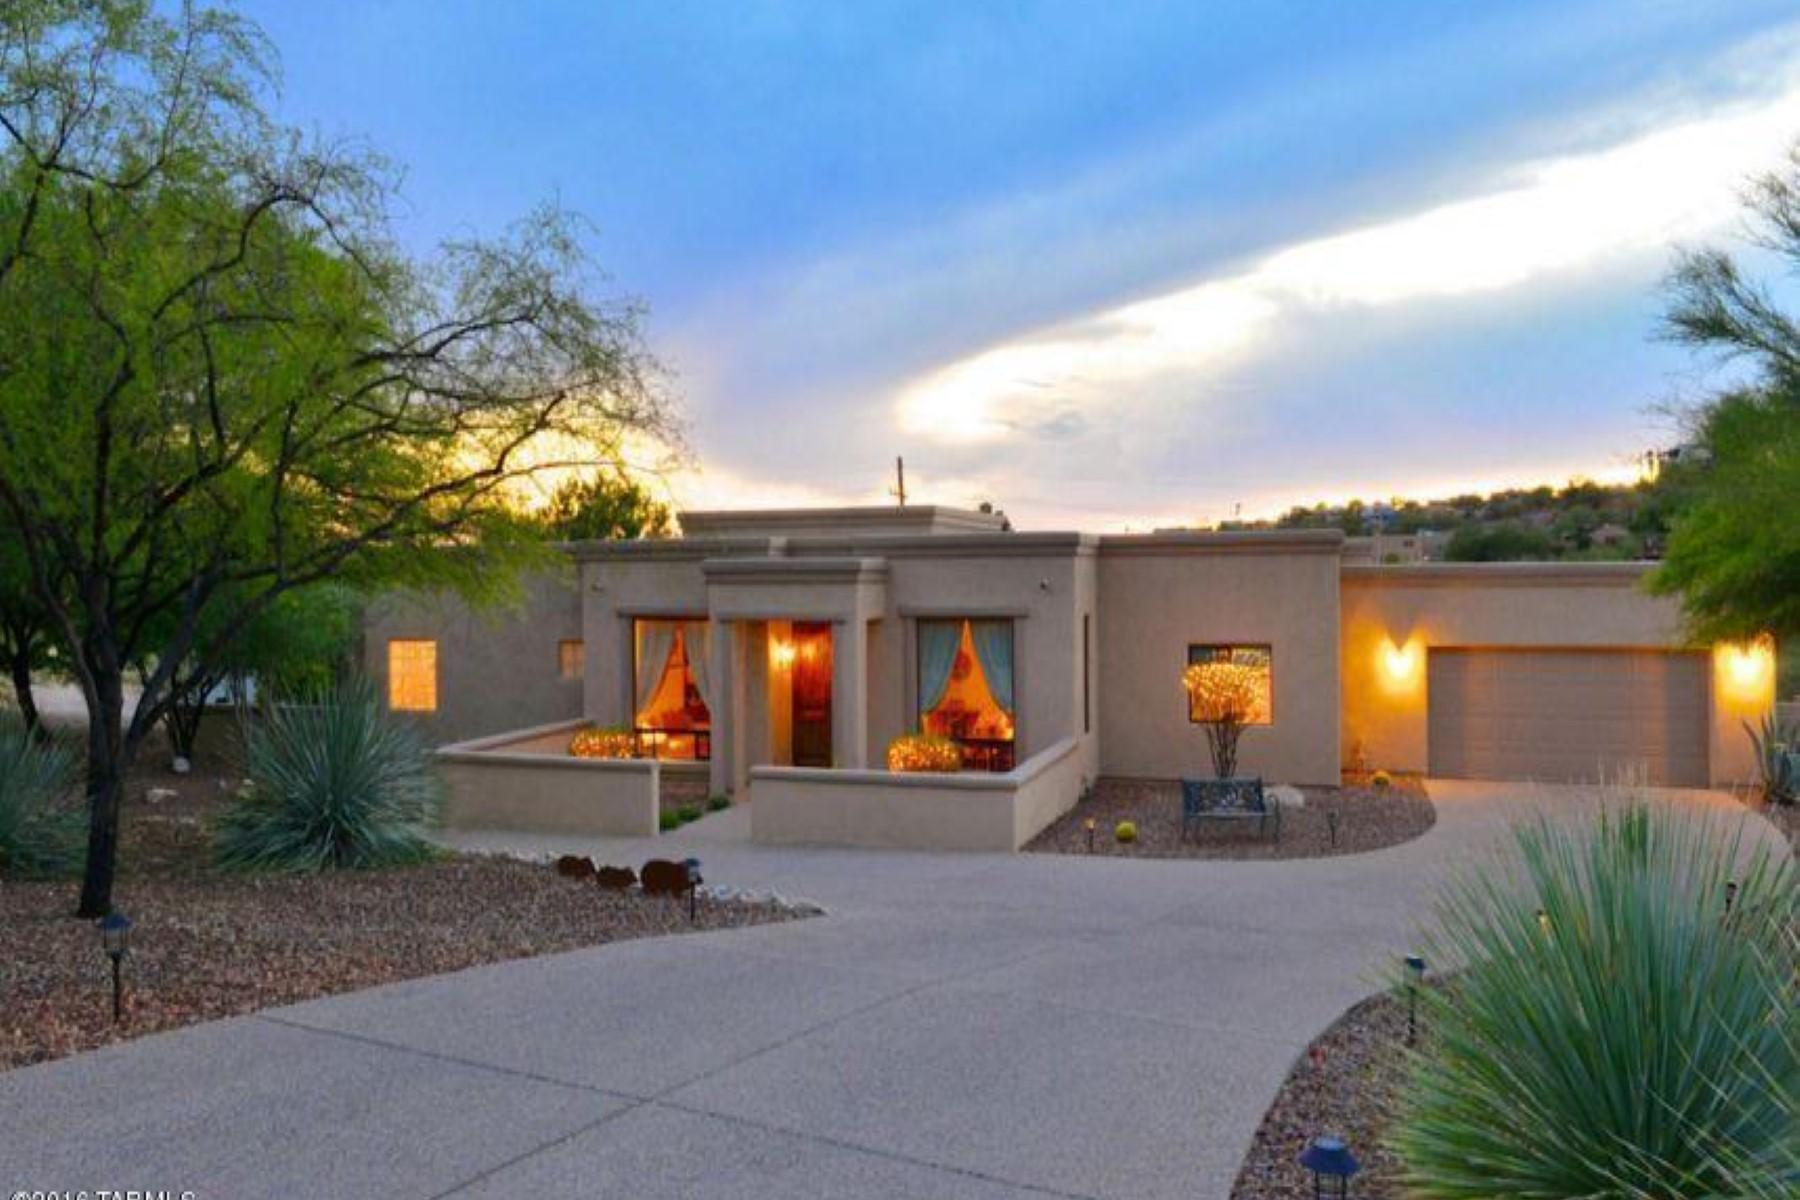 Частный односемейный дом для того Продажа на Custom 4 bedroom on a quiet cul-de-sac lot in a private gated community 3923 N Lindstrom Place Tucson, Аризона, 85750 Соединенные Штаты